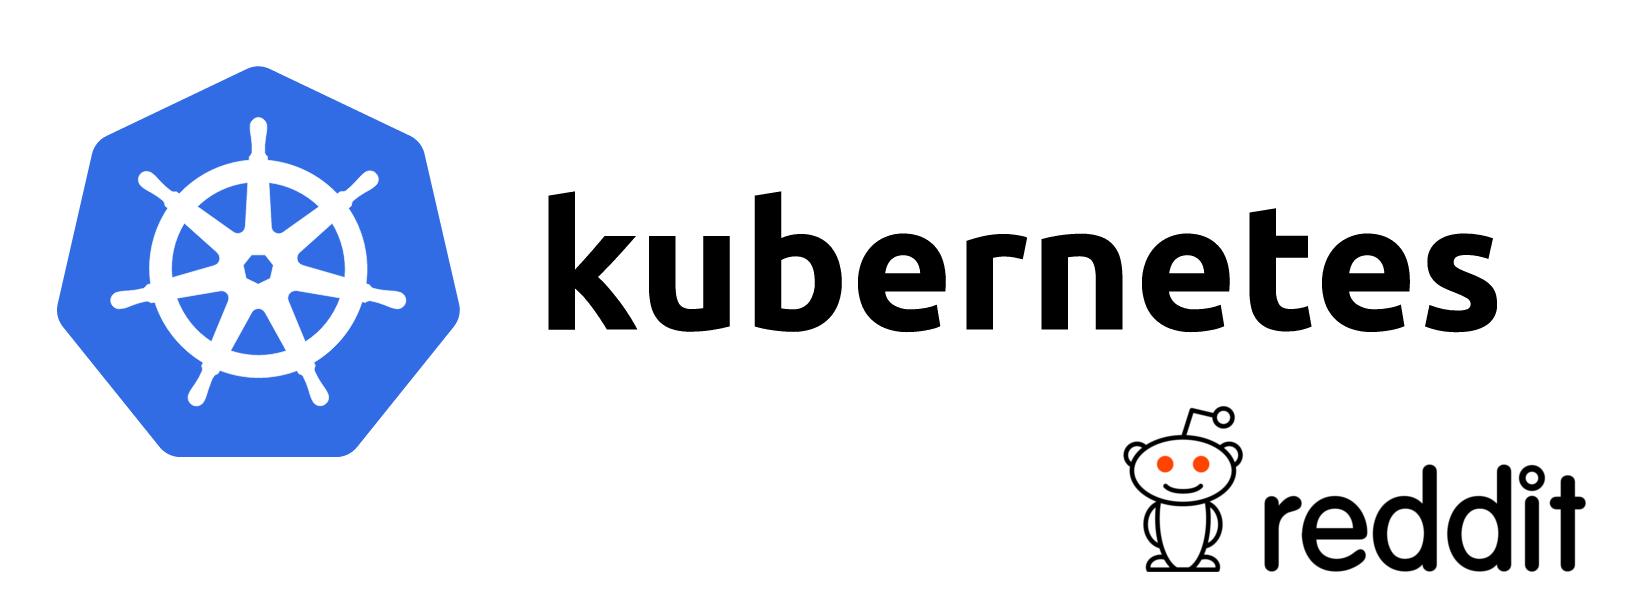 [Перевод] Разработчики Kubernetes отвечают на вопросы пользователей Reddit